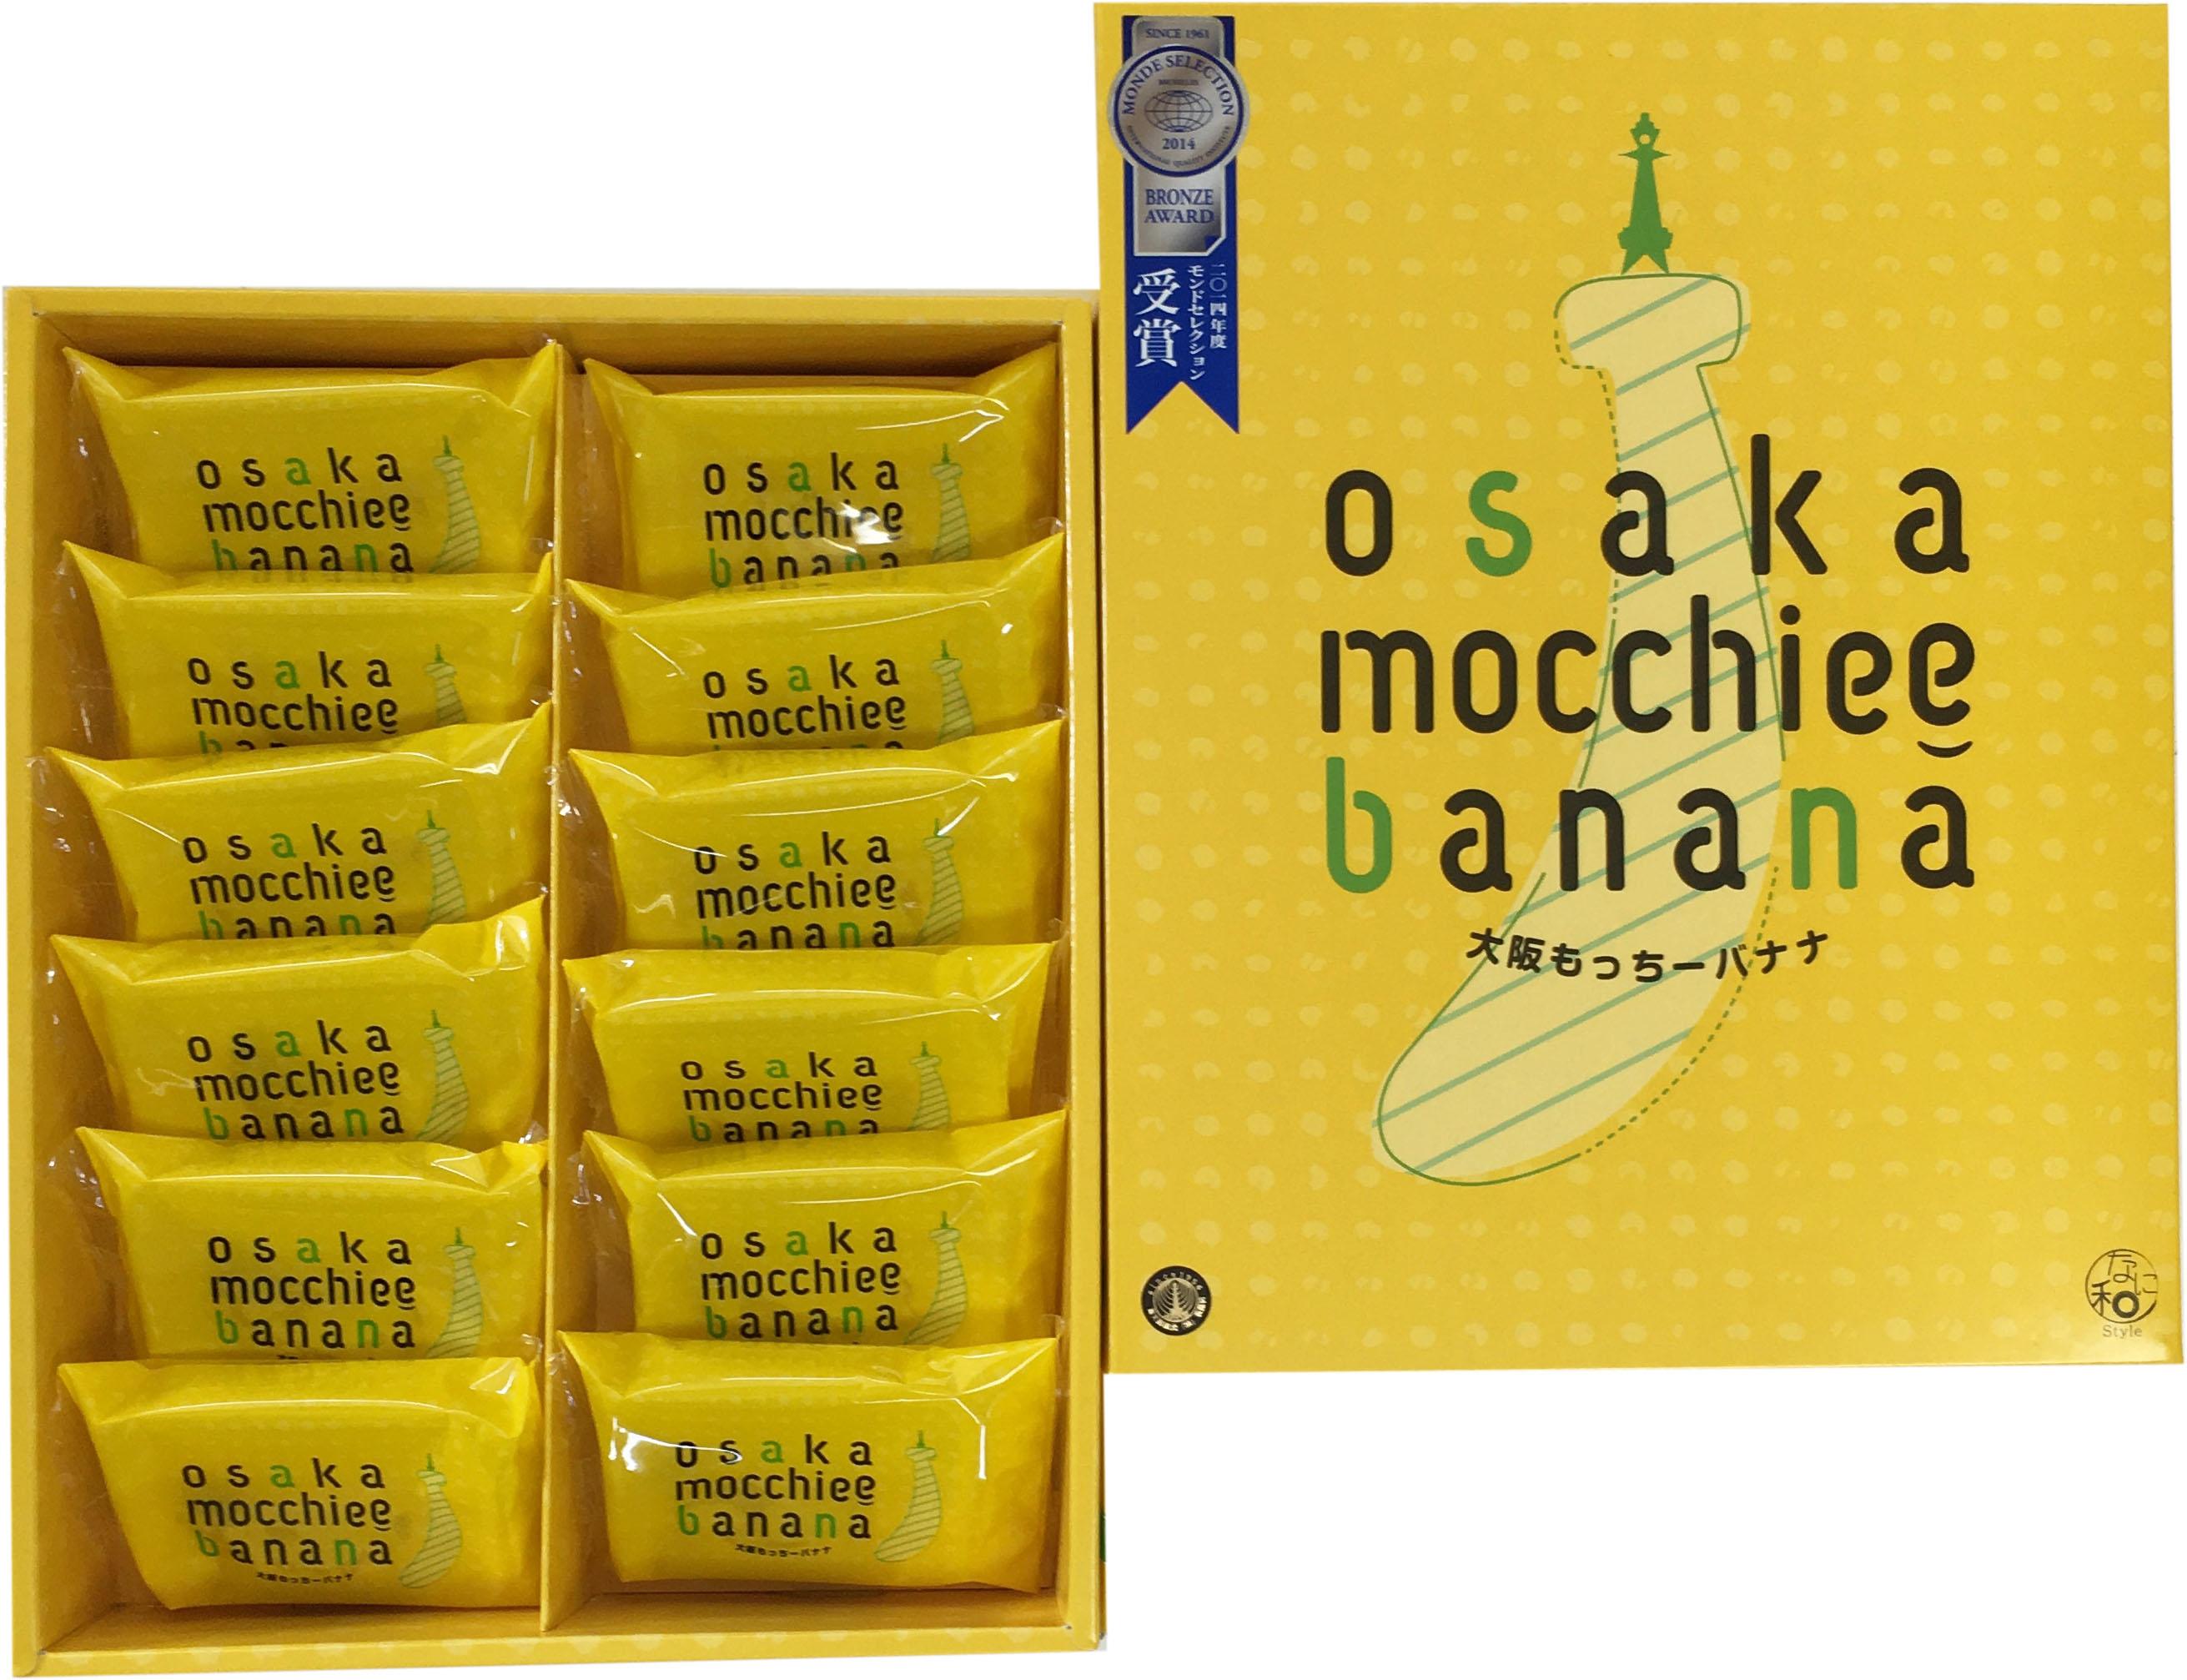 大阪もっちーバナナ